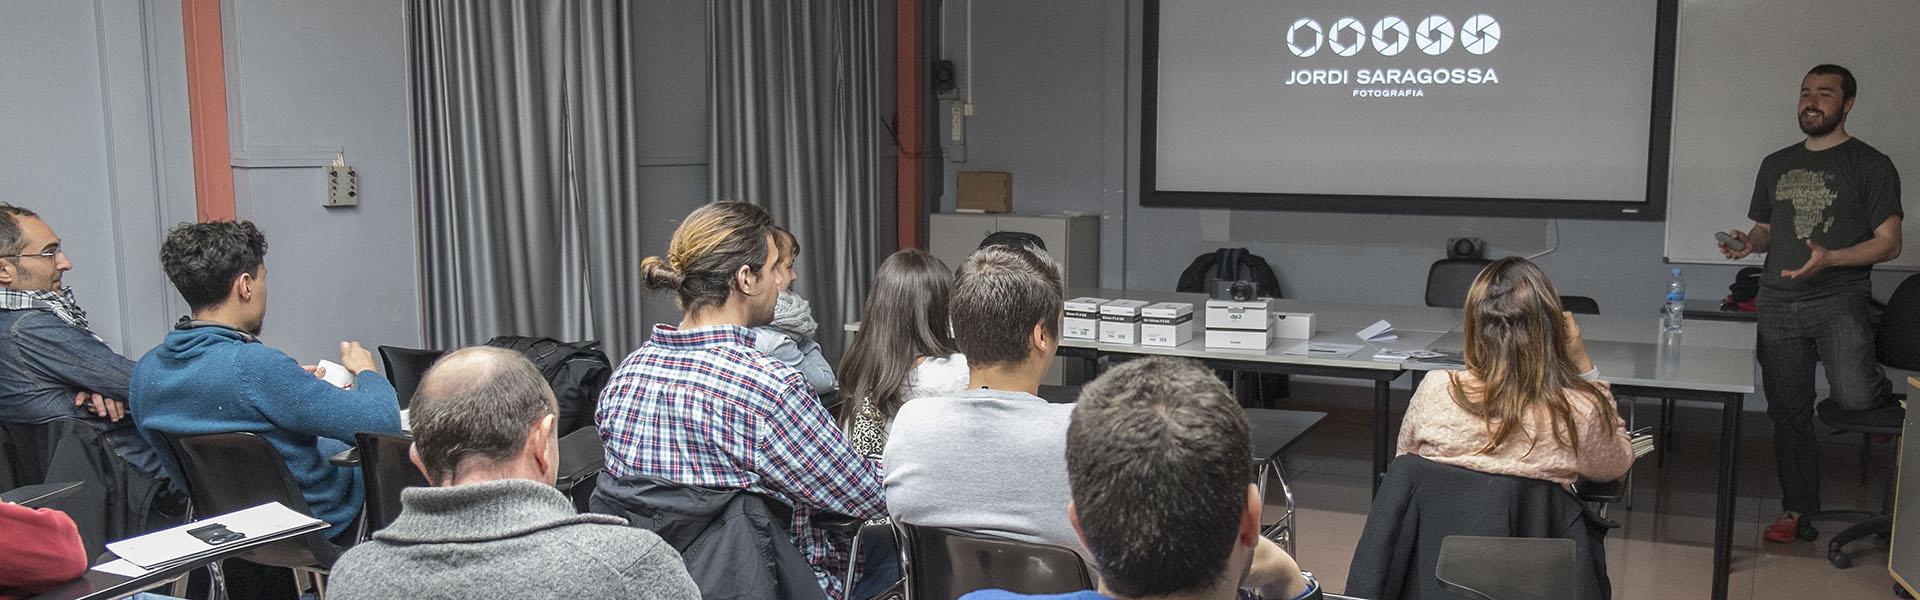 Conferència Jordi Saragossa